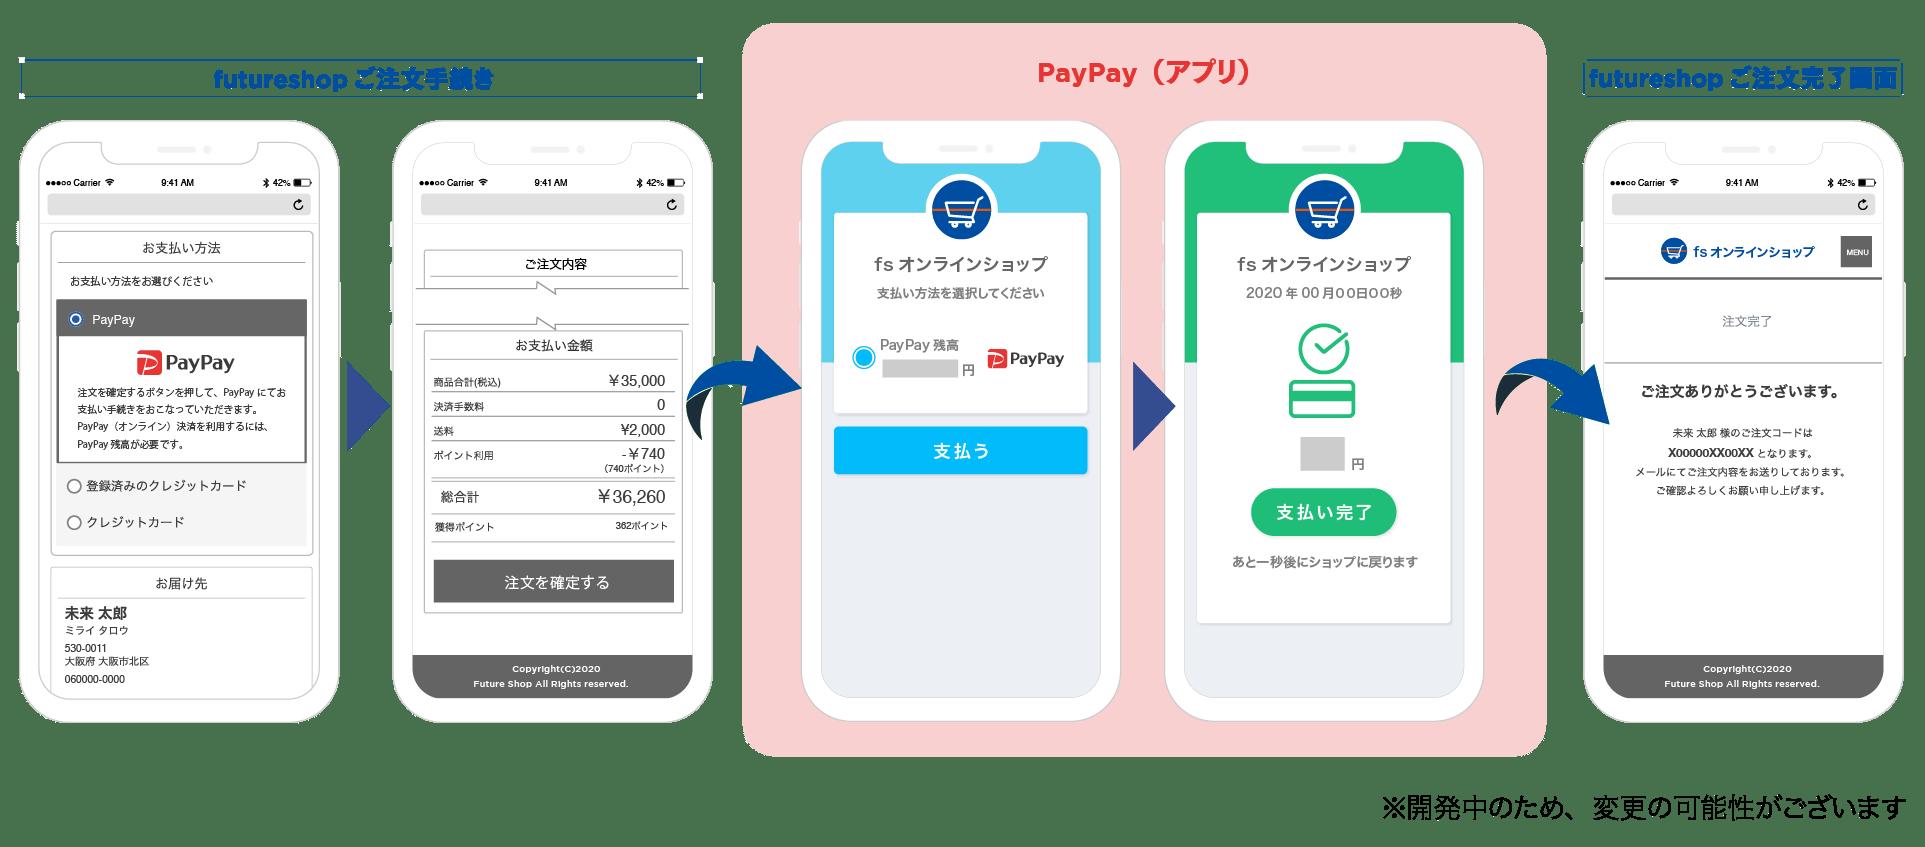 ポップ paypay バブル